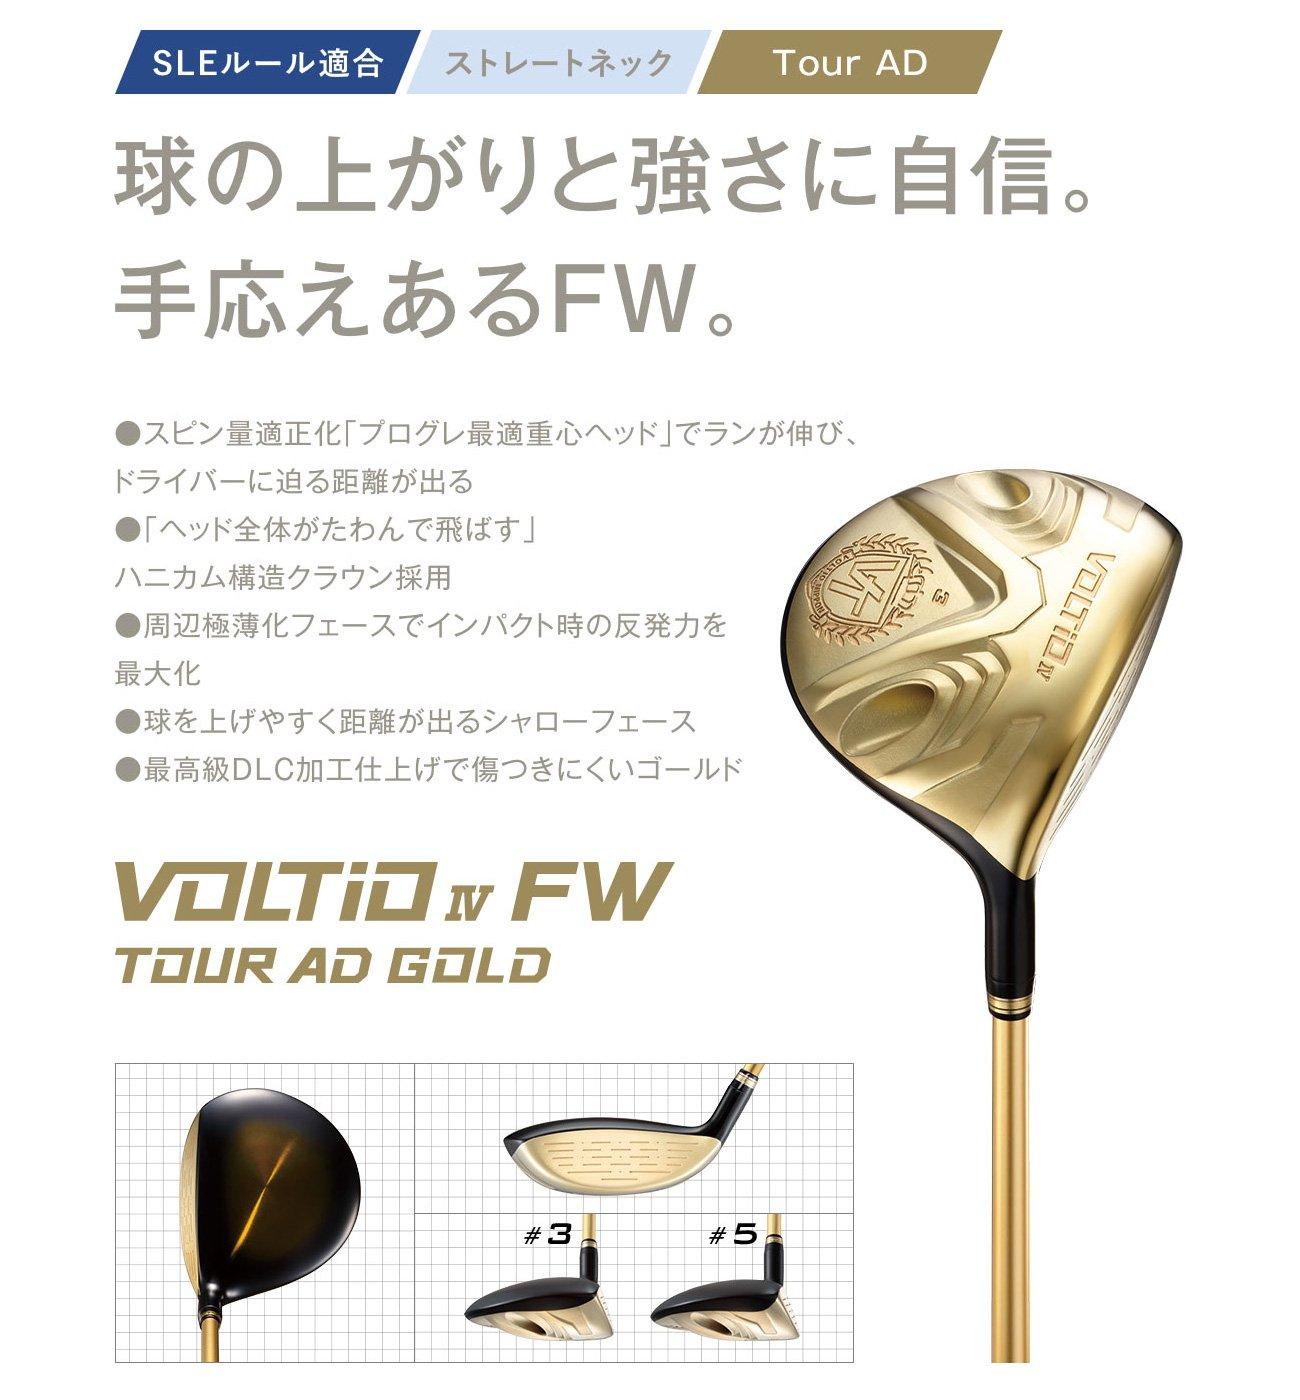 Katana Golf voltio IV # 3 oro Fairway Madera Tour Ad Flex ...